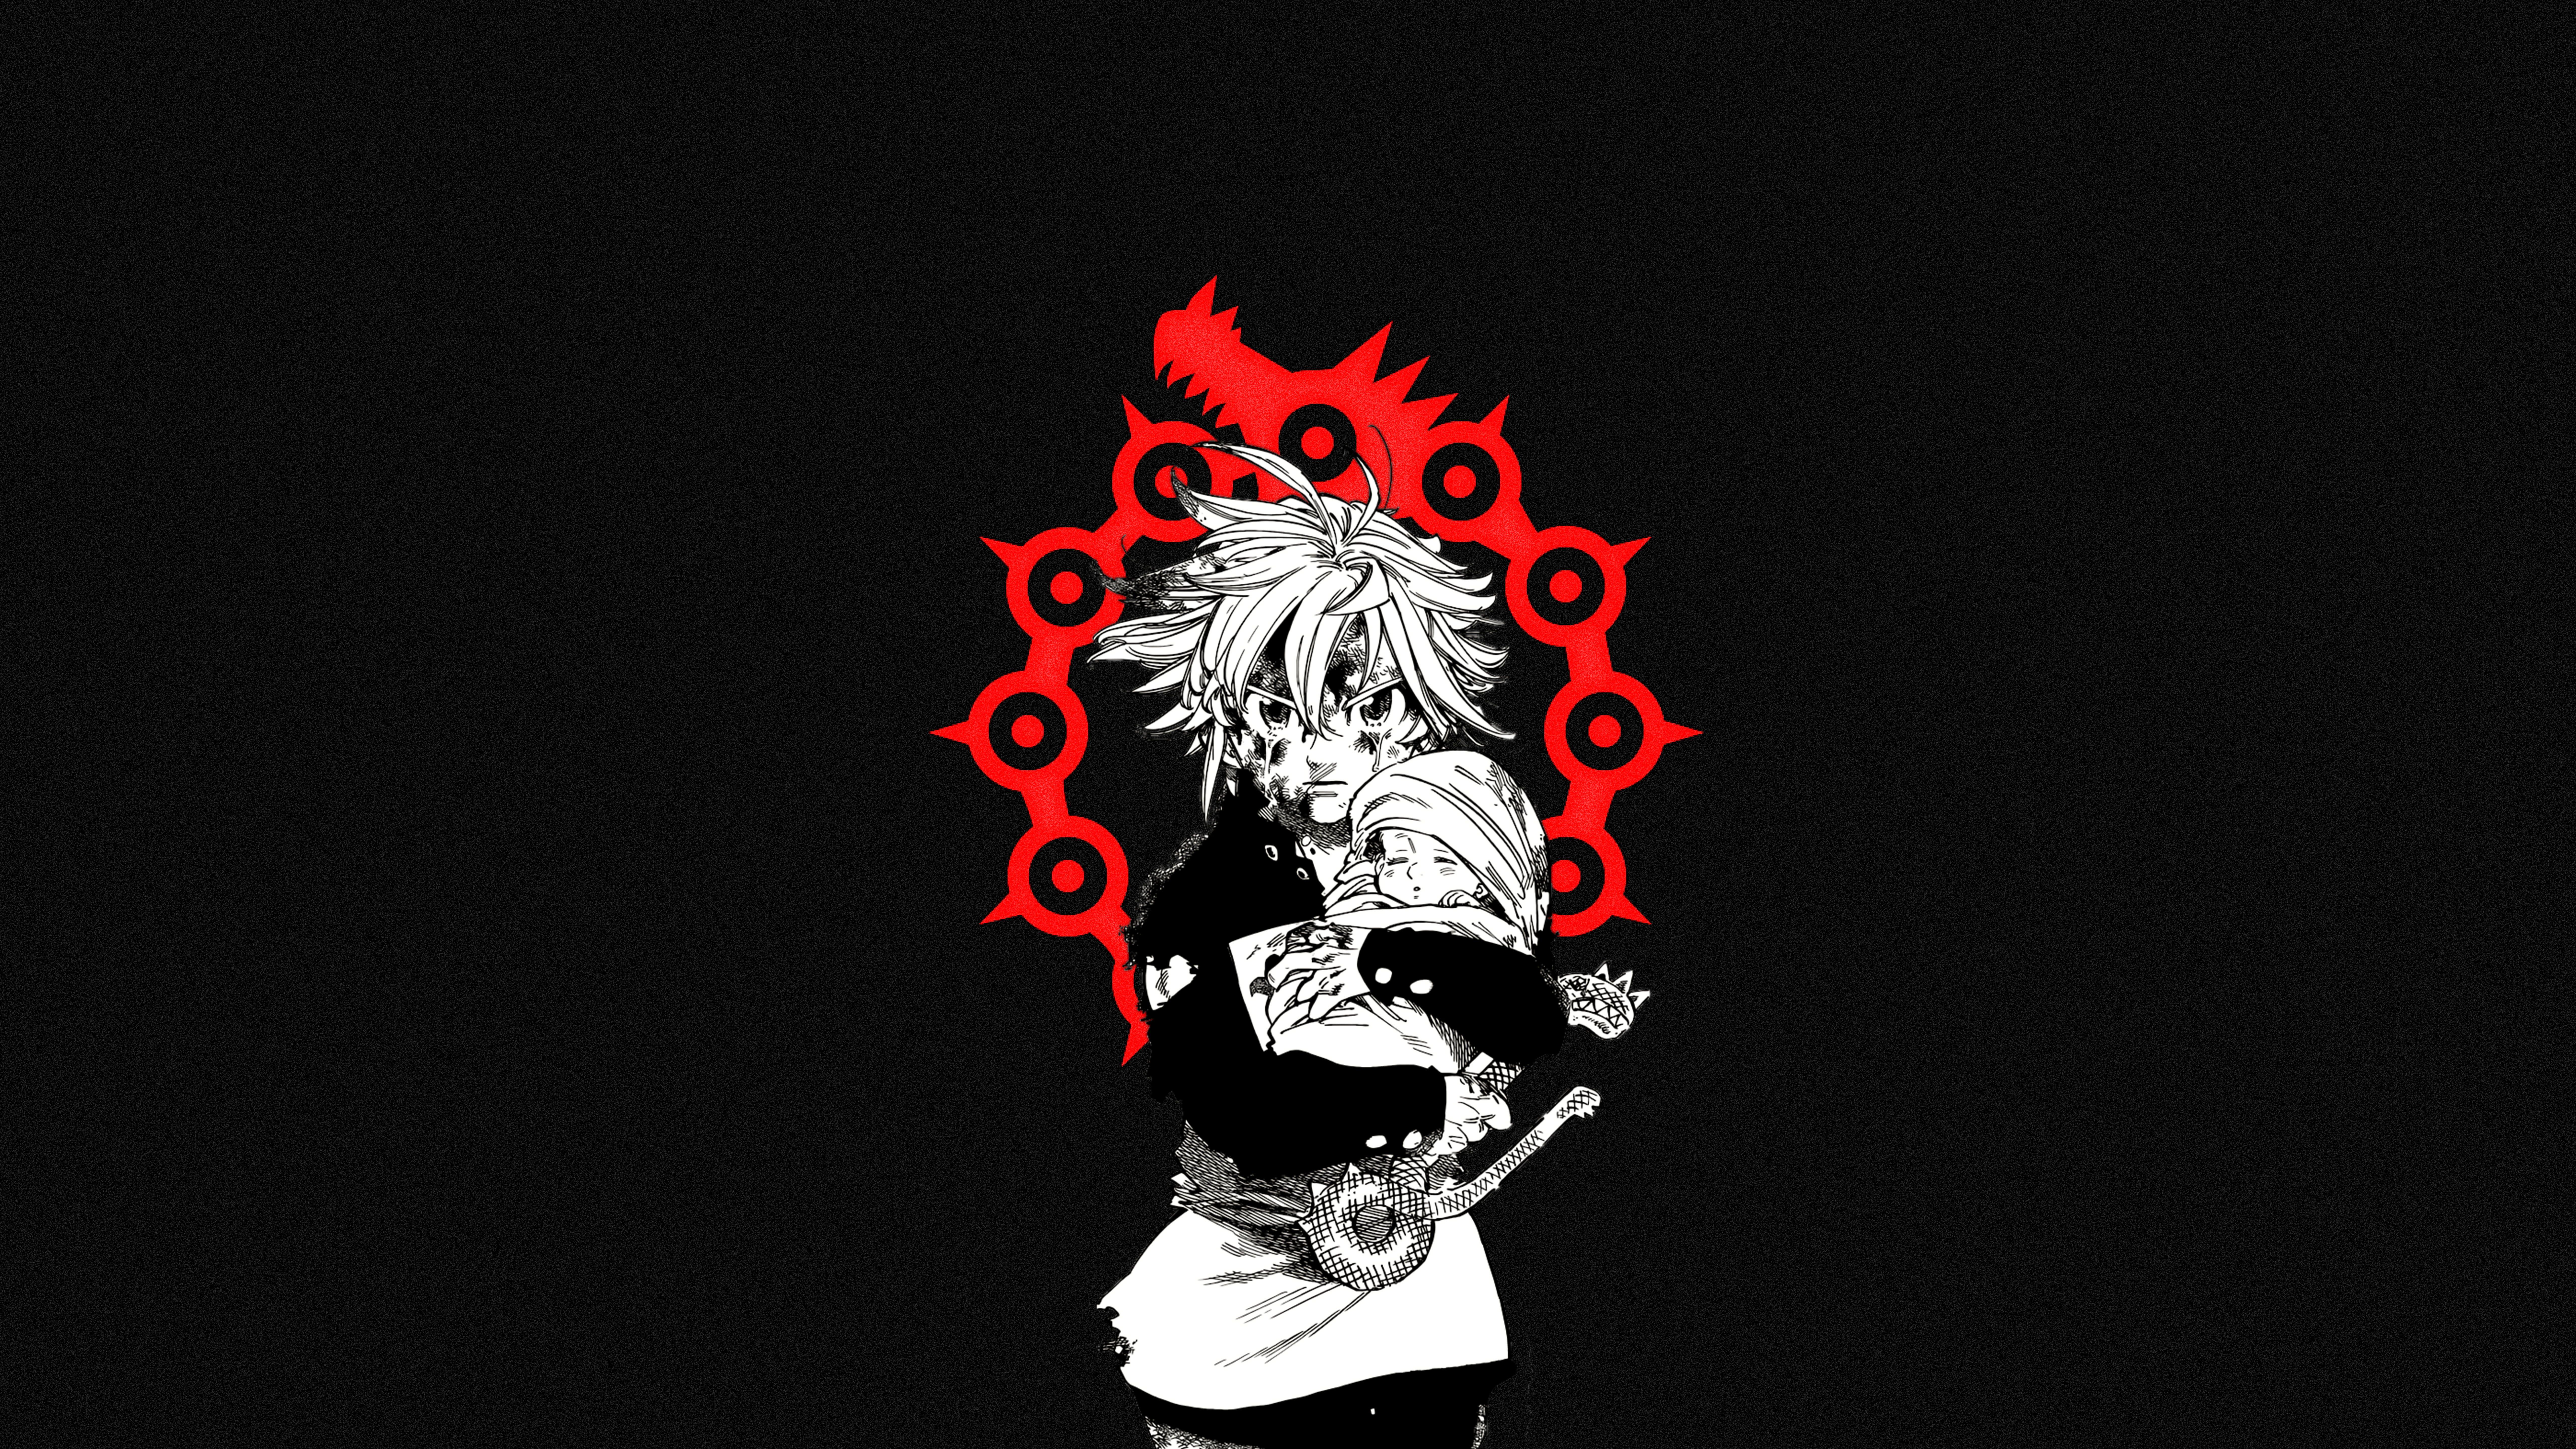 Anime The Seven Deadly Sins Meliodas The Seven Deadly Sins 8k Wallpaper Hdwallpaper Desktop Hd Wallpaper Seven Deadly Sins Wallpaper